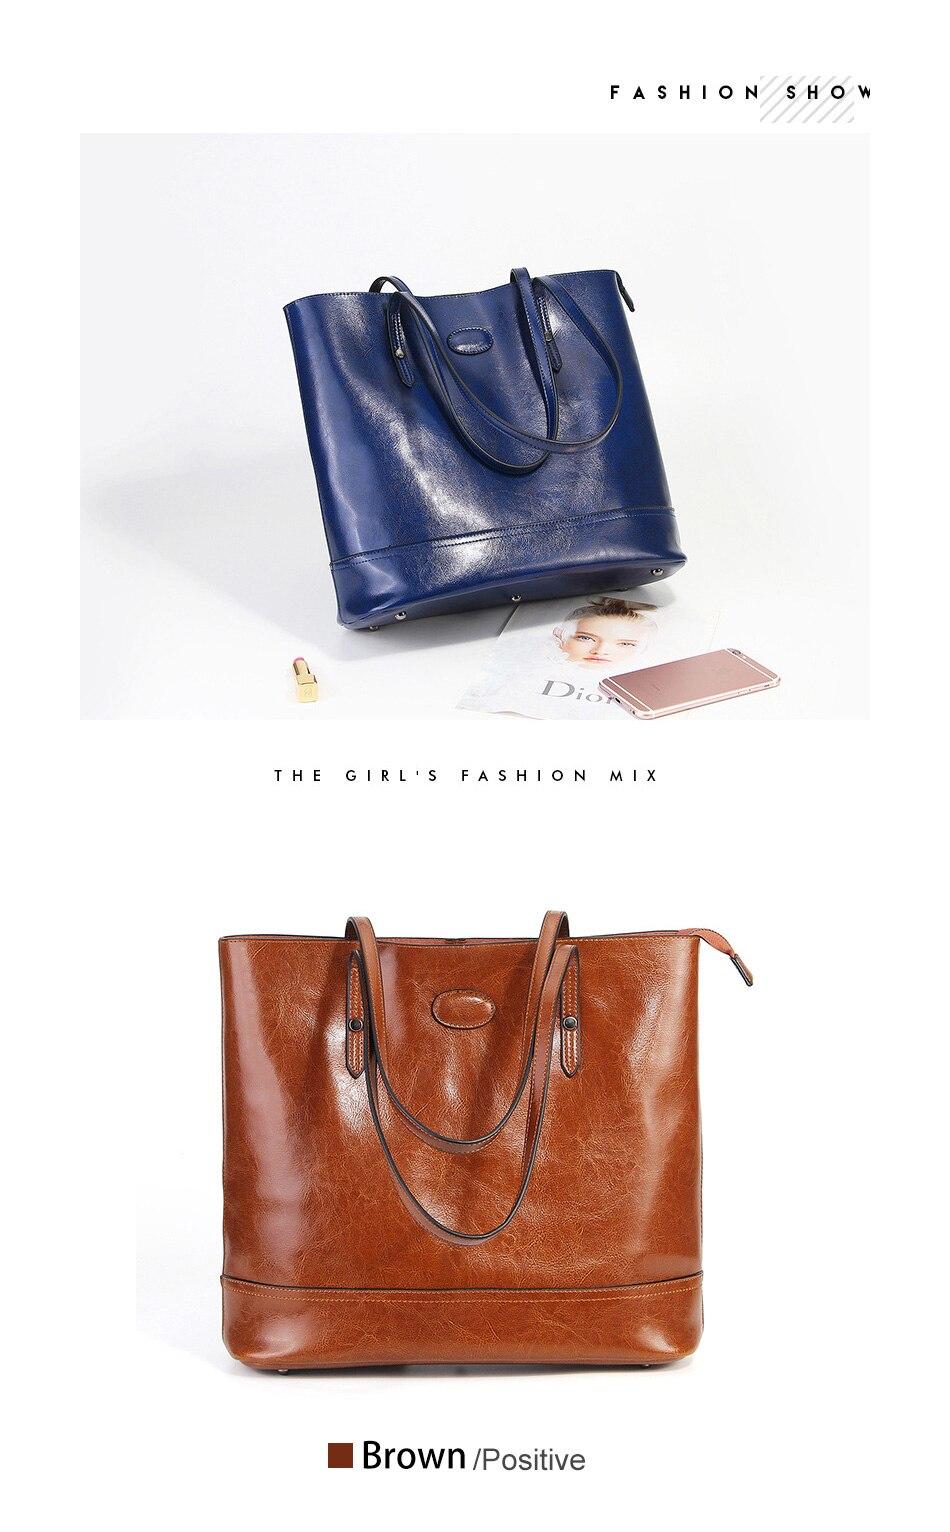 de compras preto tote bolsa alta qualidade bolsas